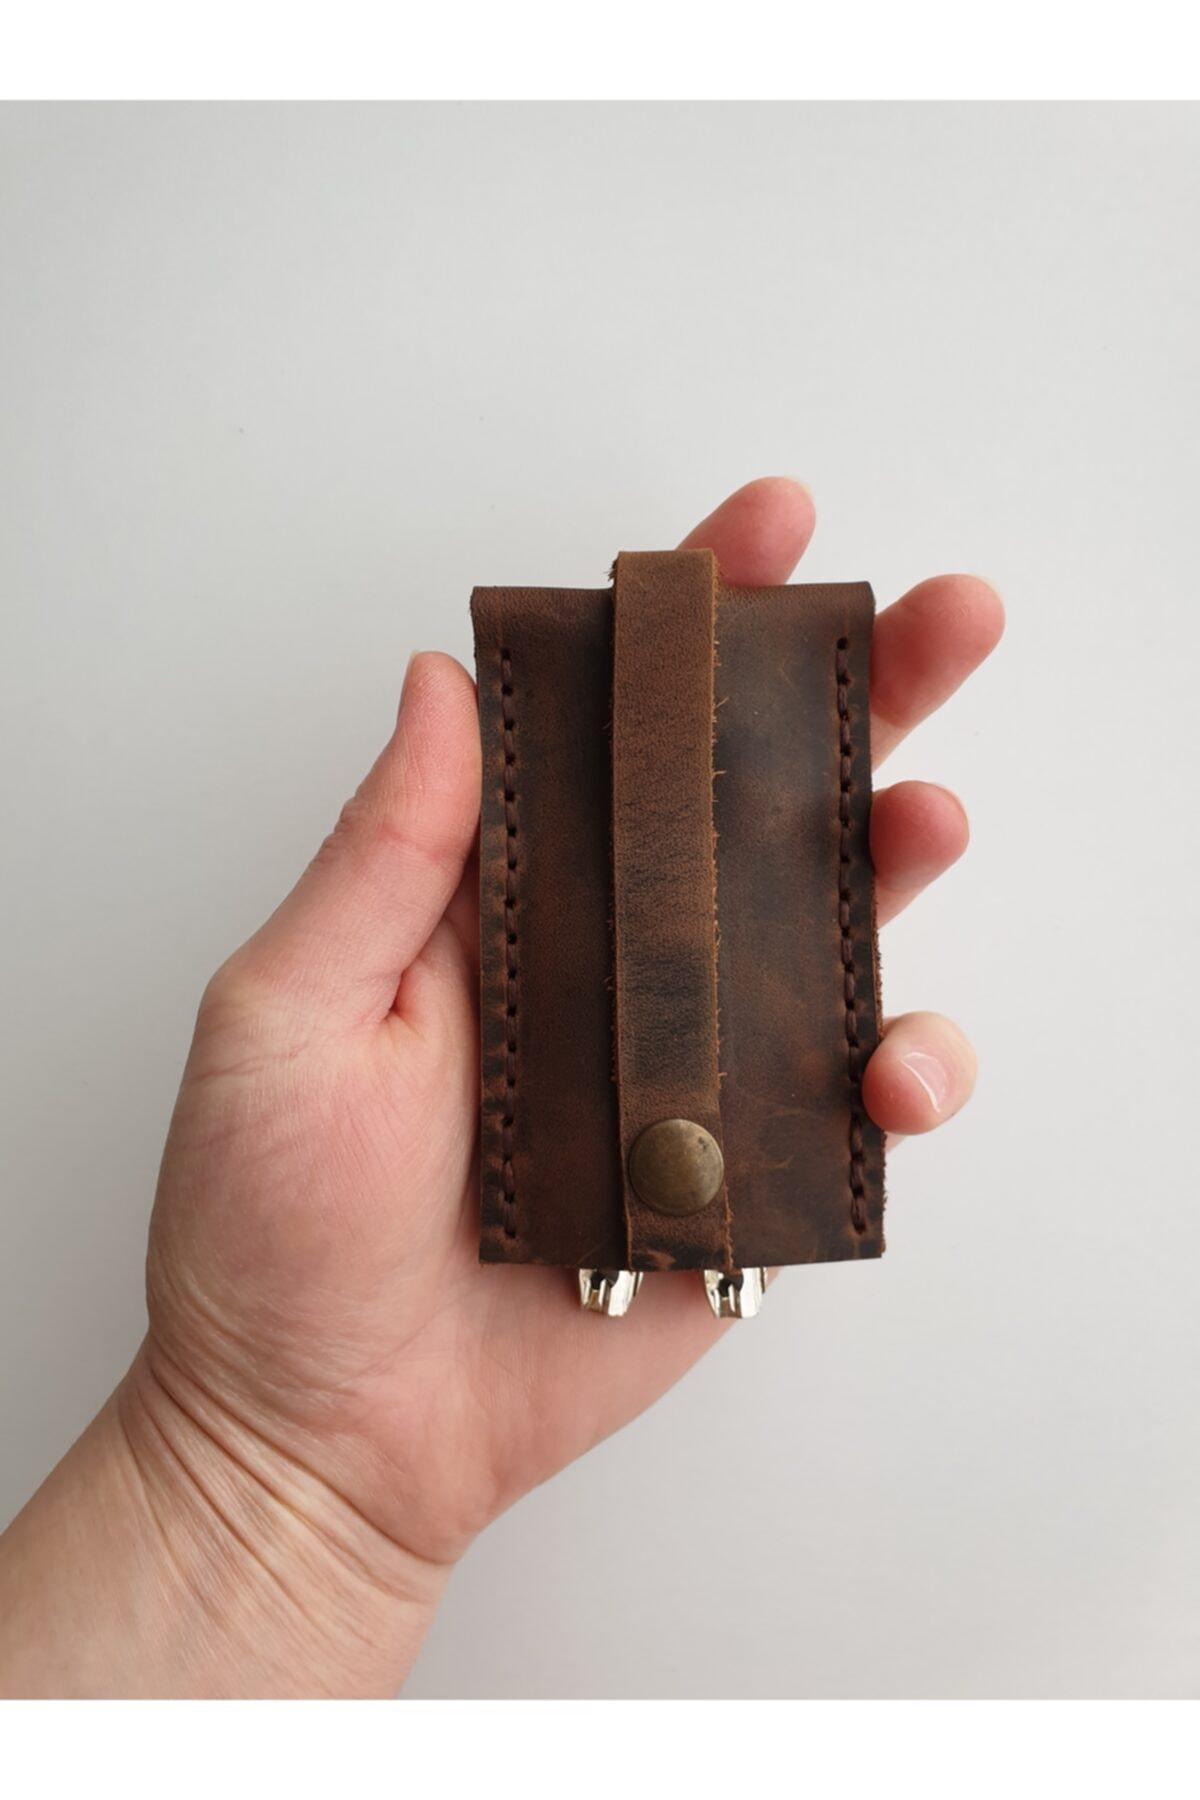 Lft Leather Craft El Yapımı Hakiki Deri Anahtarlık Cave Tarçın 2